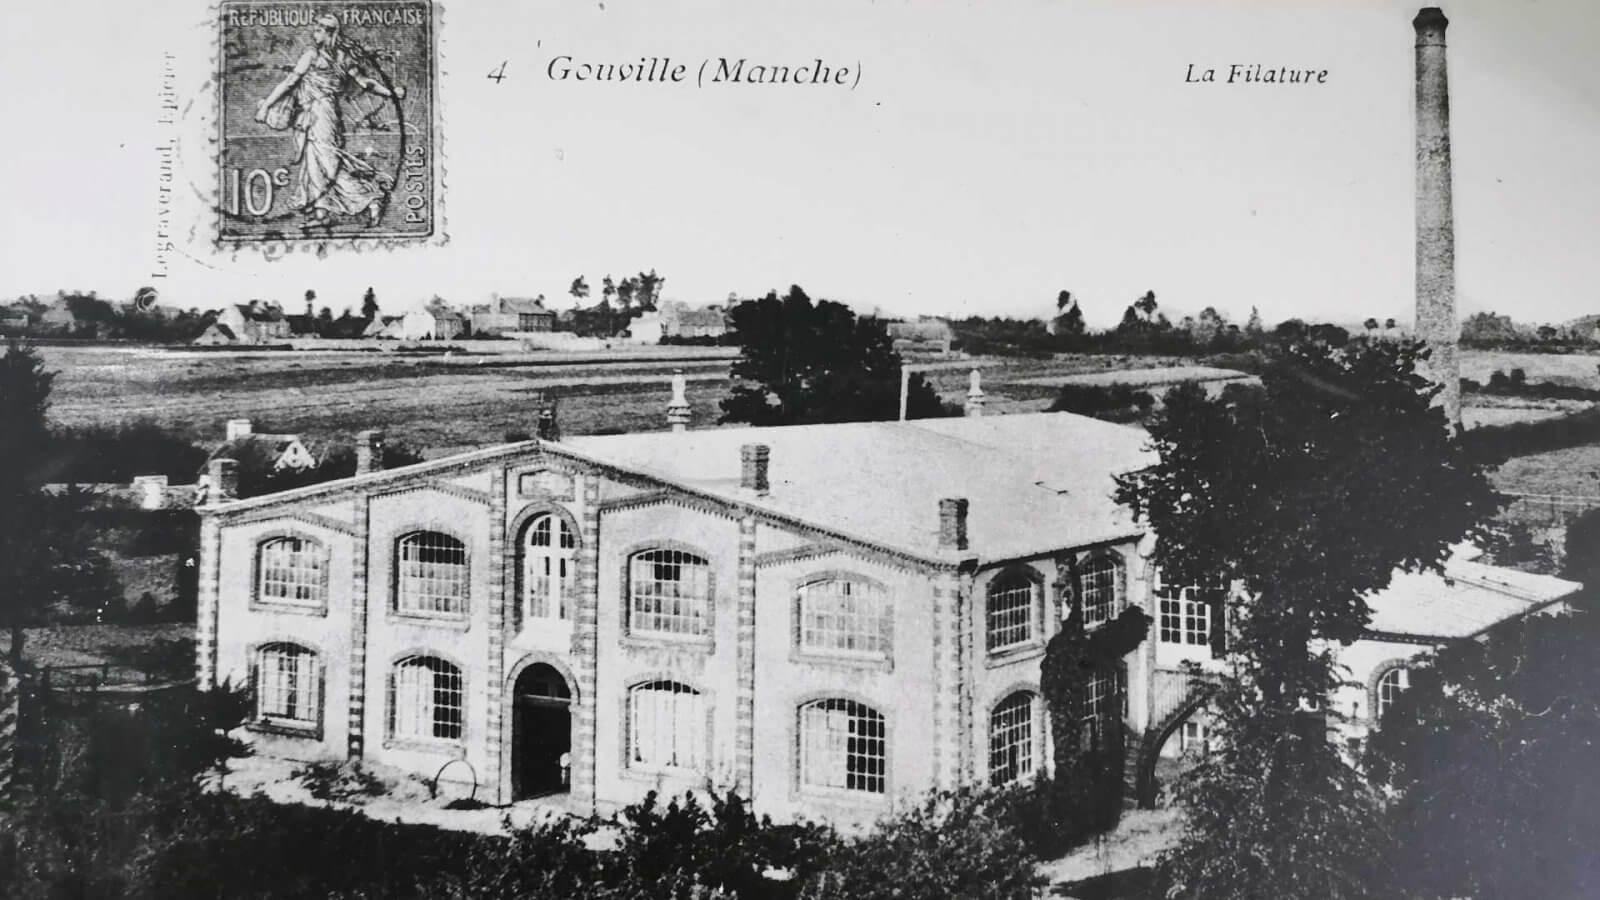 Ancienne carte postale montrant la filature de Gouville-sur-mer.